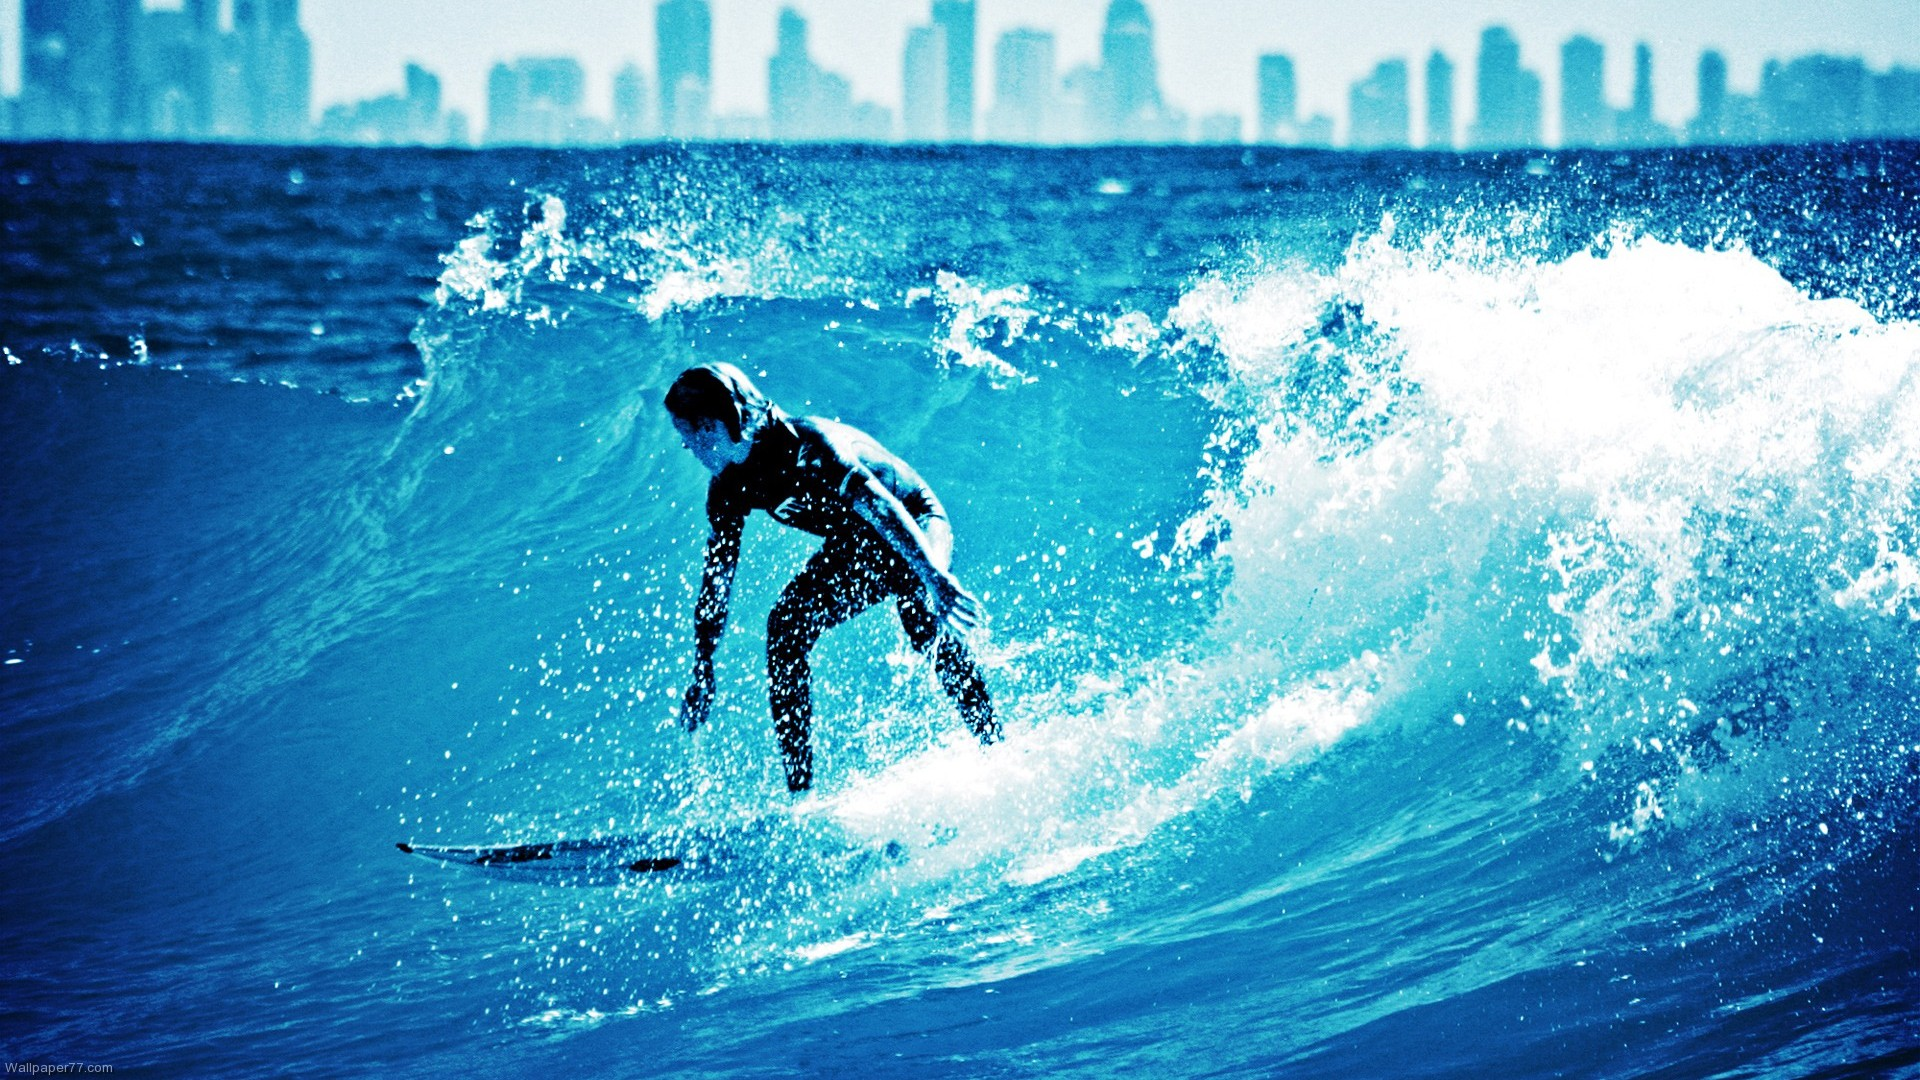 Surfing Desktop Wallpaper   Wallpaper High Definition High Quality 1920x1080